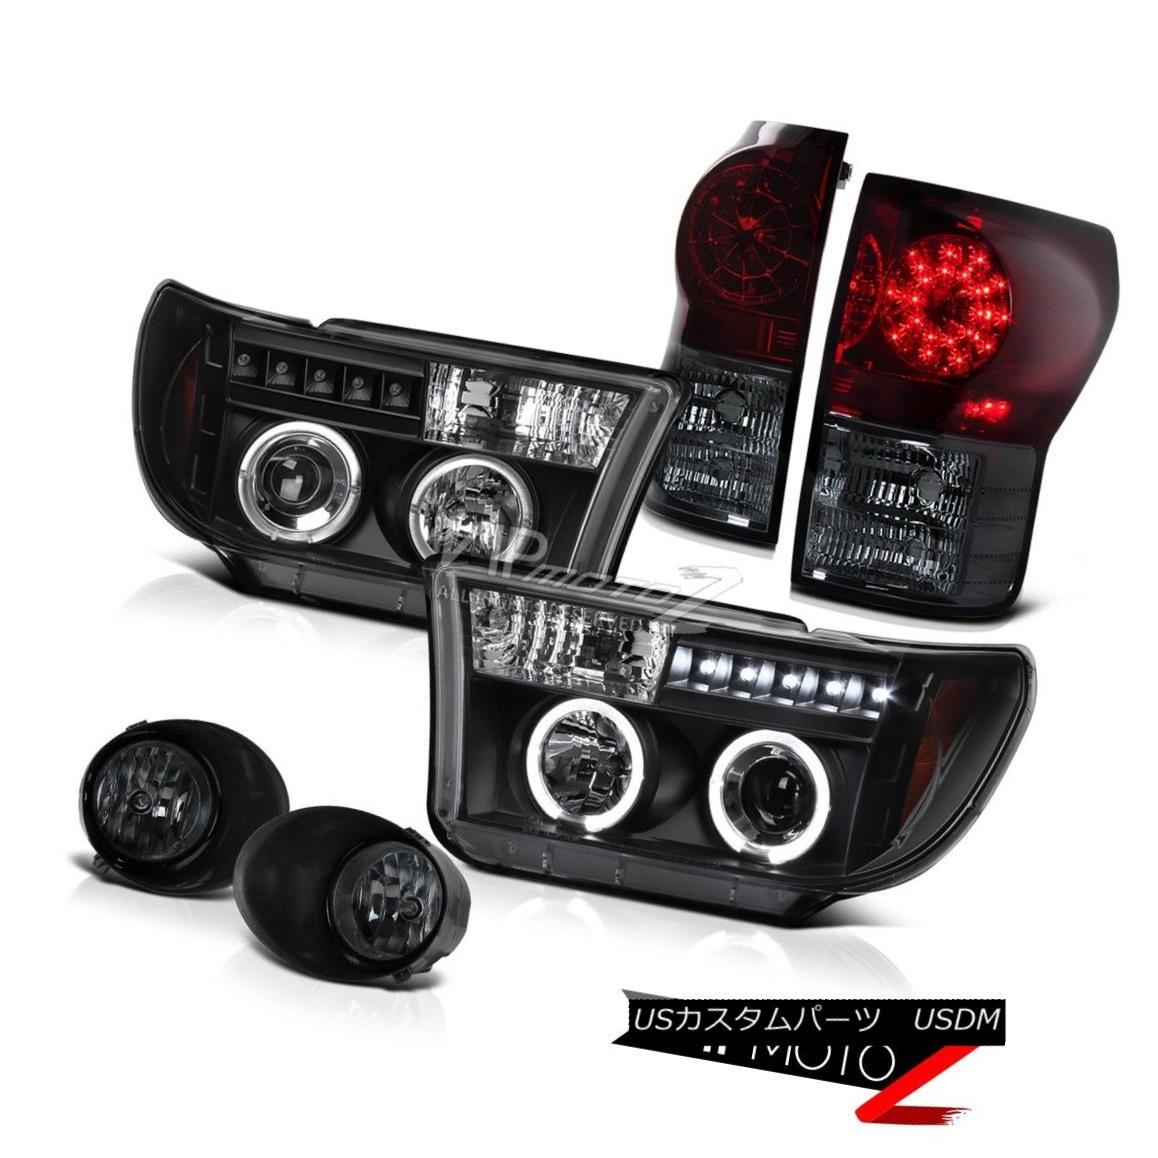 ヘッドライト Tundra 07-13 BLACK Halo Projector Headlight+Led Tail Light+Smoke Fog Lamp Tundra 07-13 BLACK Haloプロジェクターヘッドライト+ Ledテールライト+スモークフォグランプ